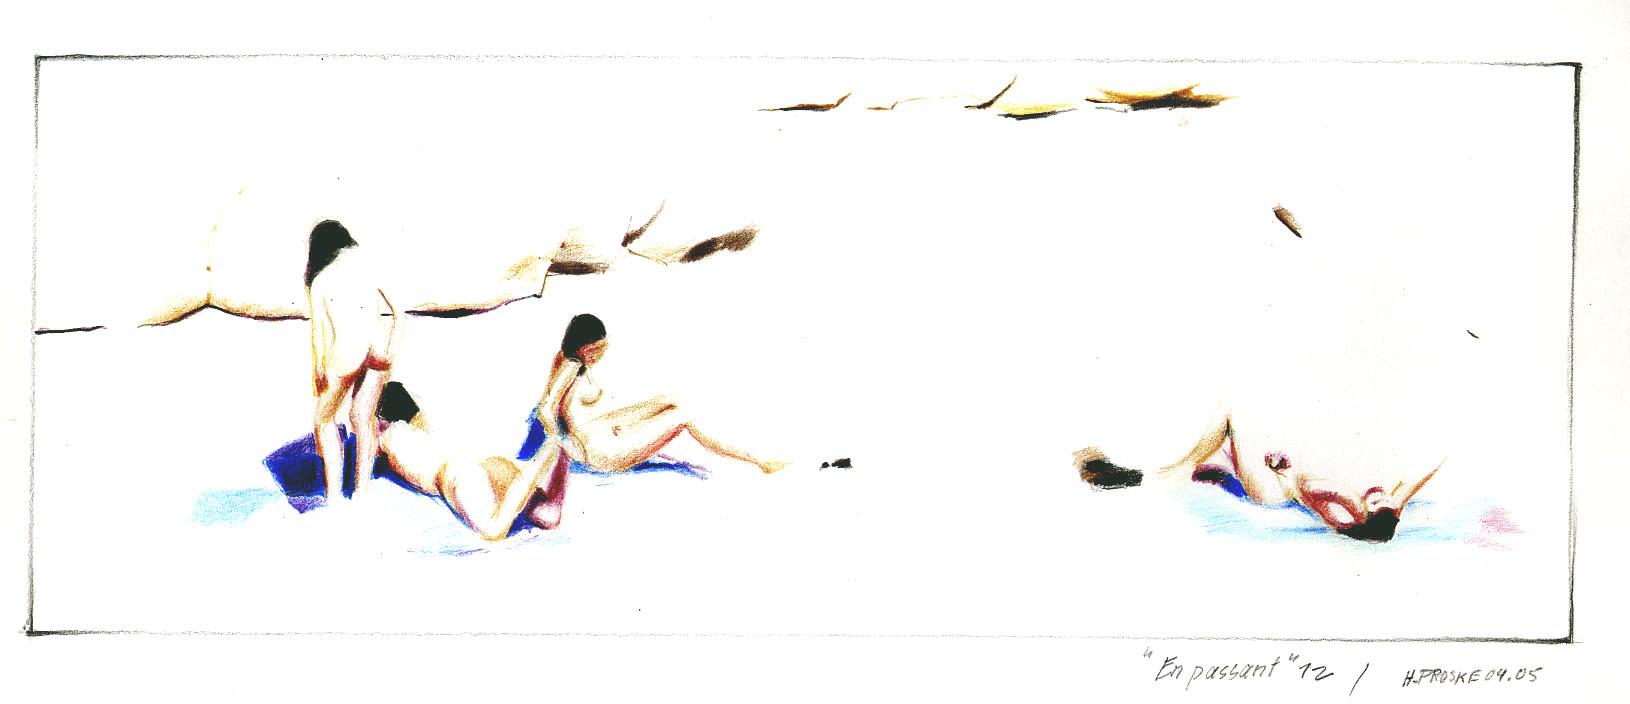 en passant 12,30 x 40. Farbstift:Papier, 2004.jpg